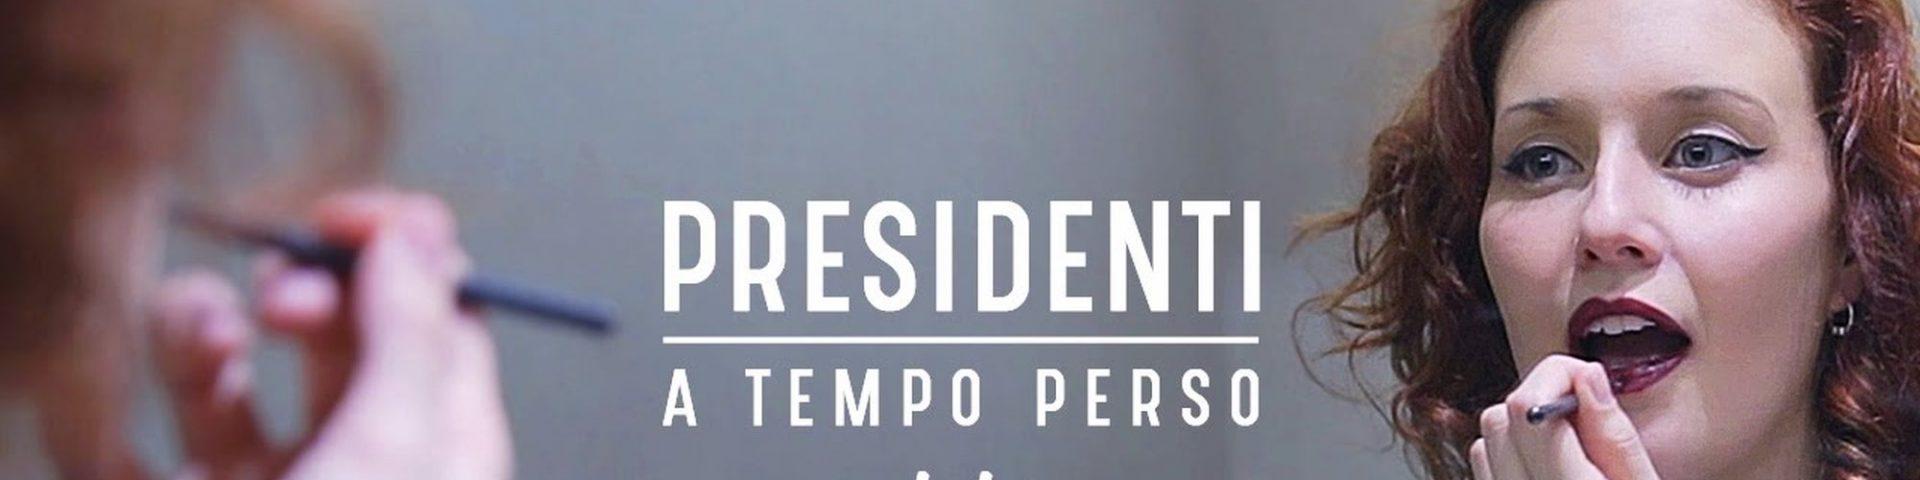 Presidenti a Tempo Perso presentano Attico: intervista a Radio Godot